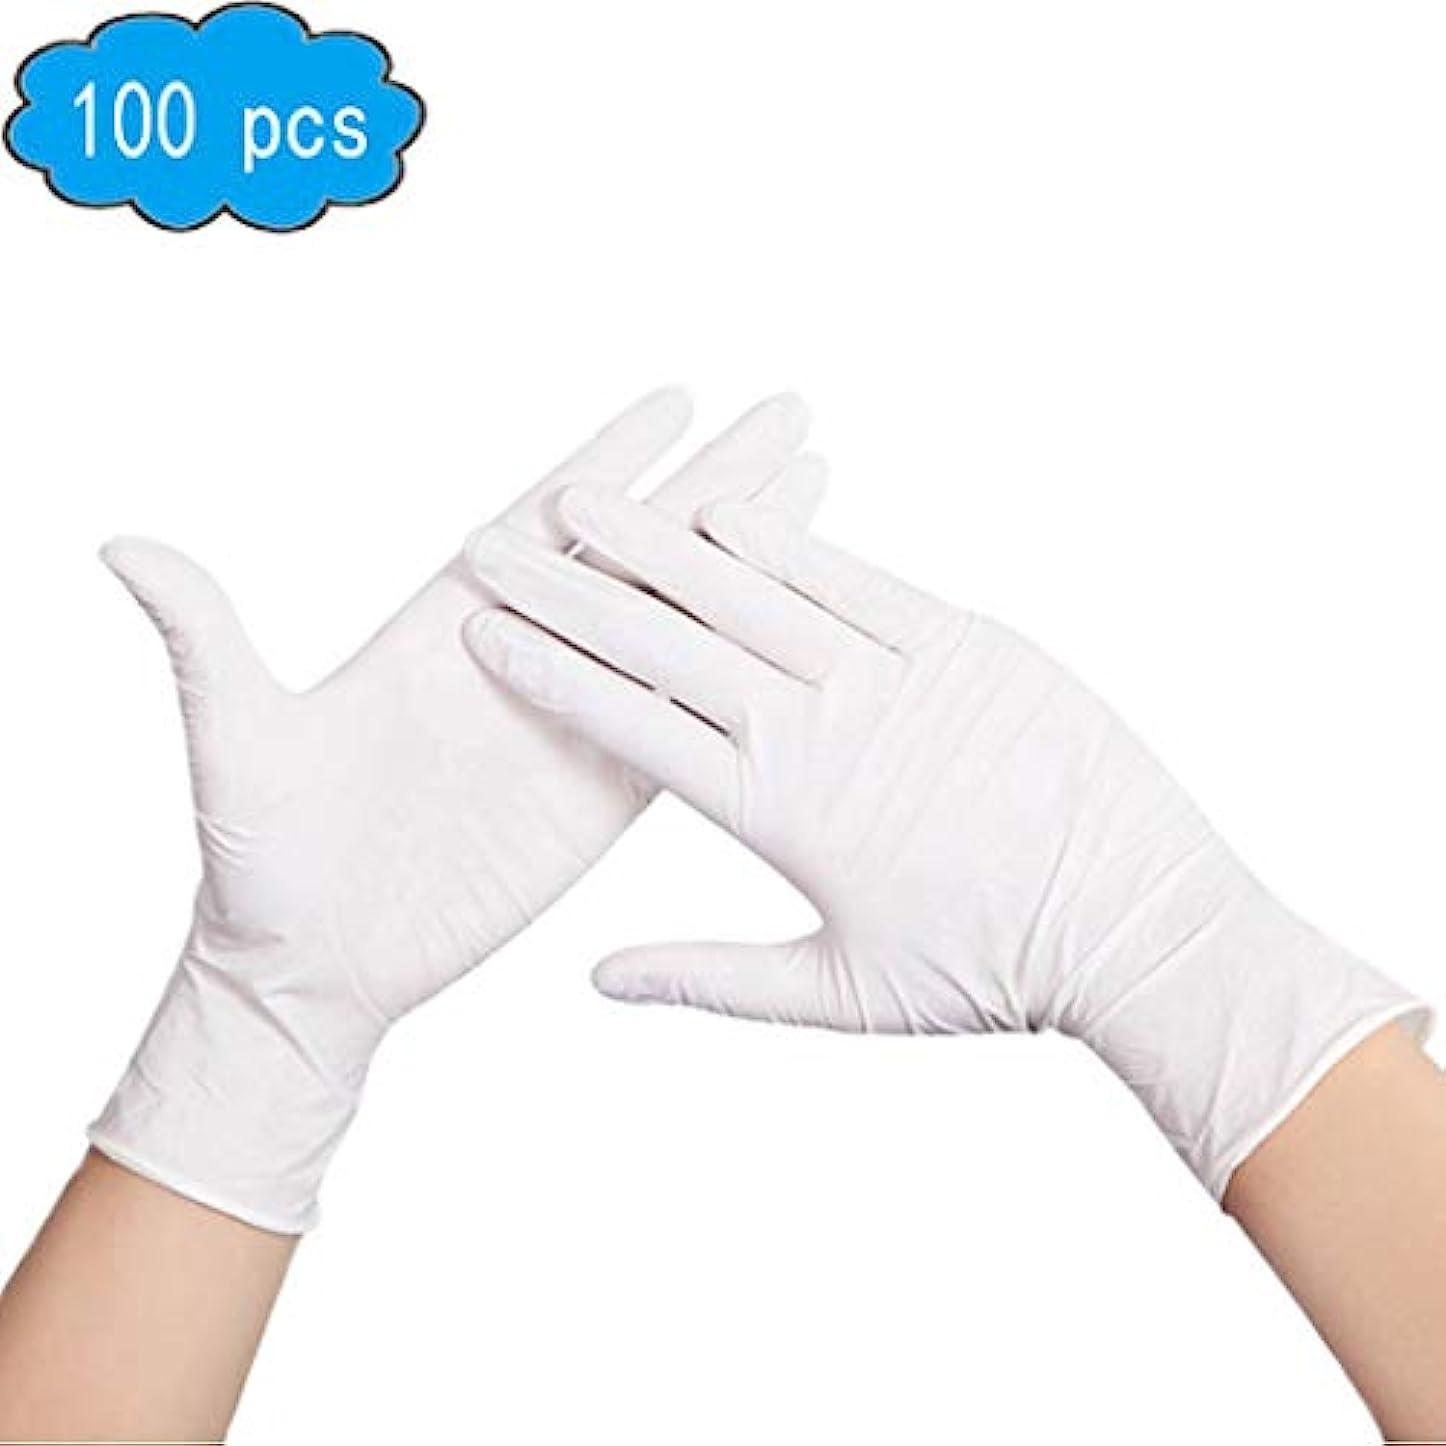 掘る著作権フロンティアニトリル手袋、ラテックス医療検査用パウダーフリーの使い捨て手袋サイズ中 - 9